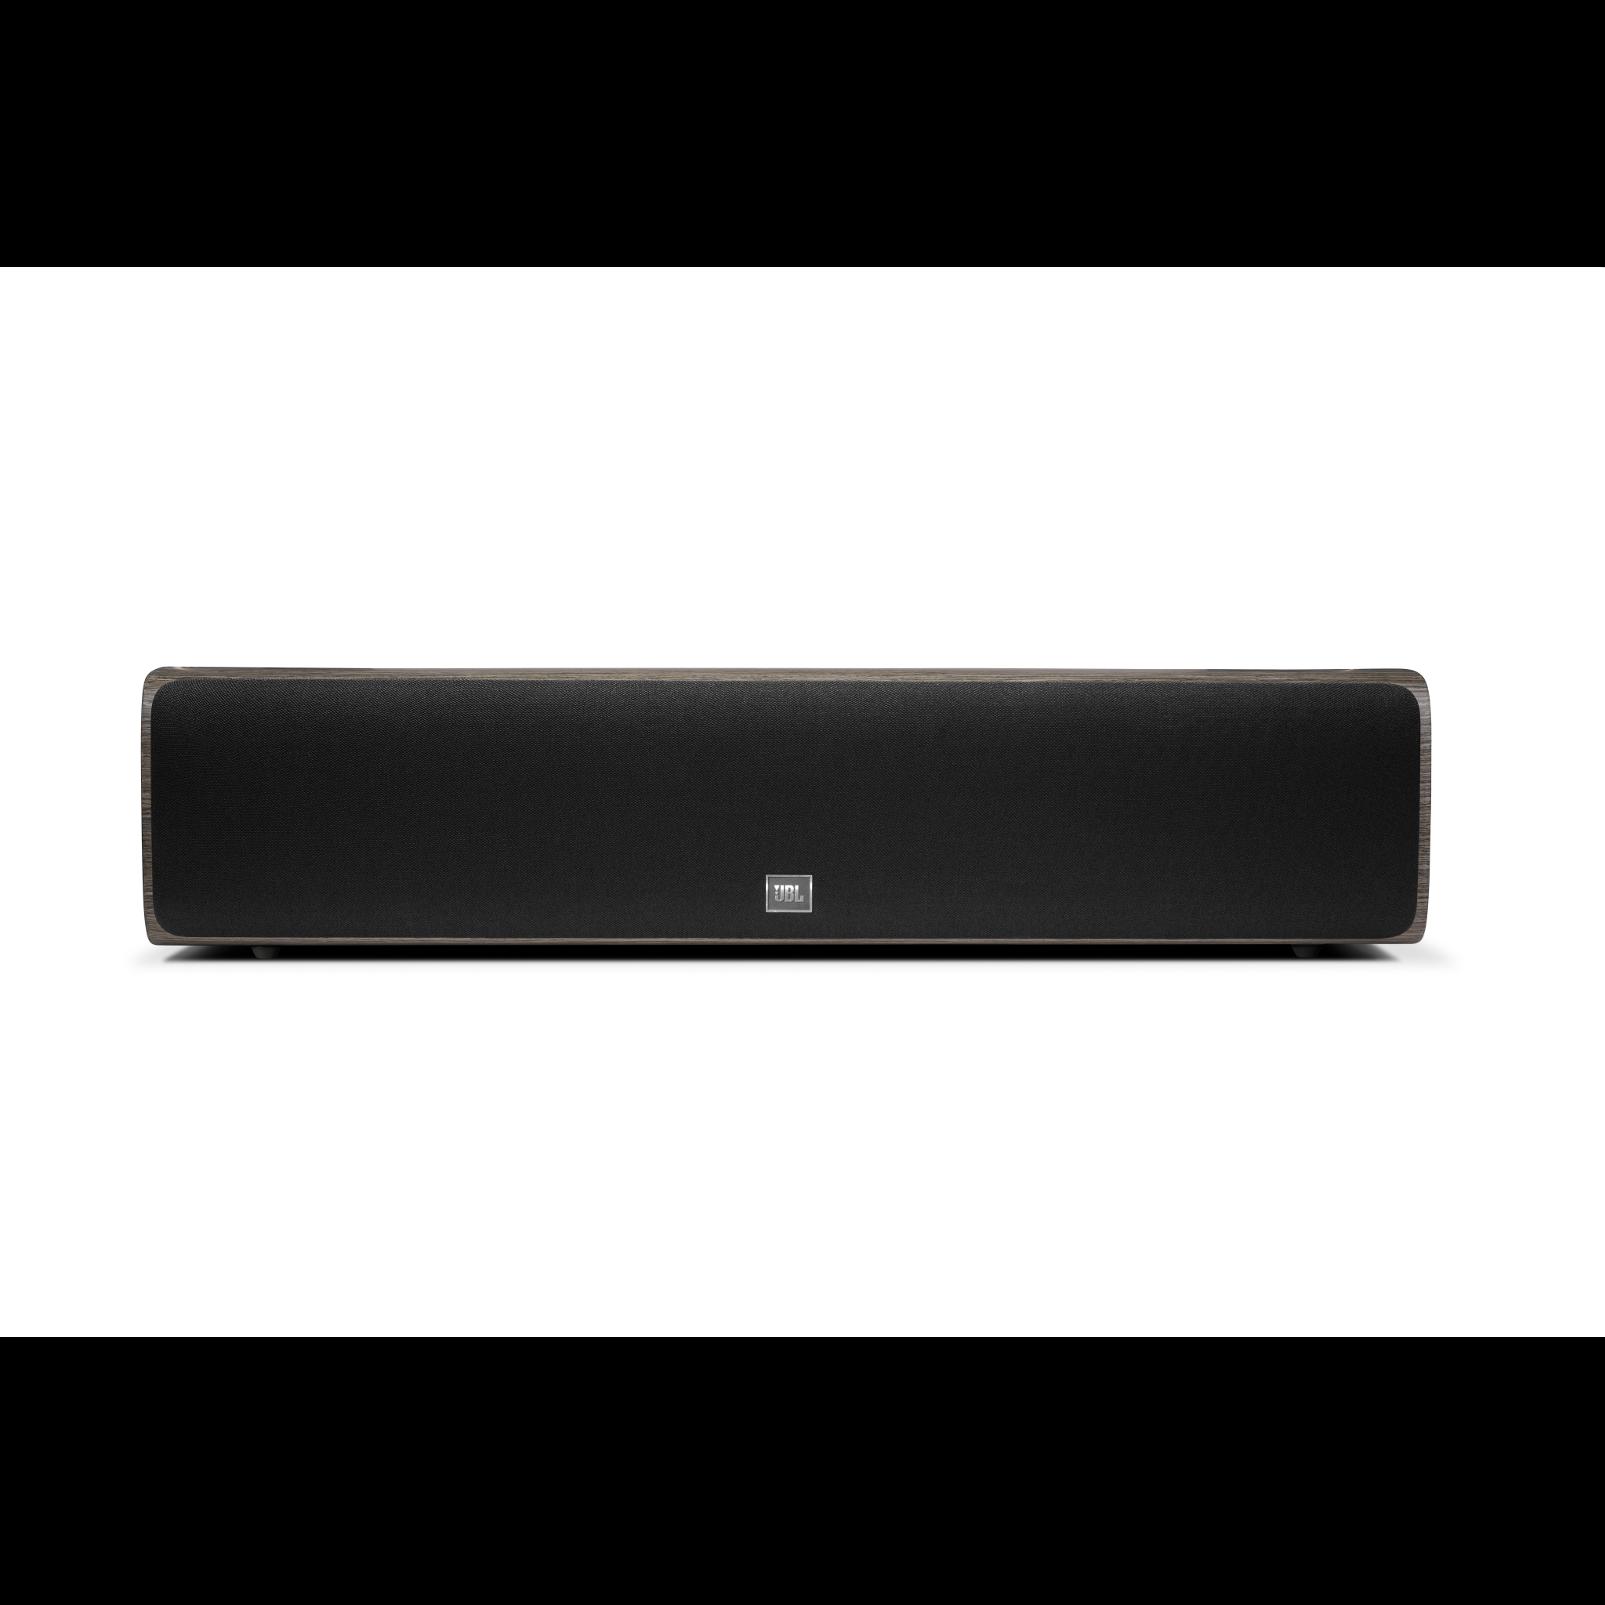 HDI-4500 - Grey Oak - 2 ½-way Quadruple 5.25-inch (130mm) Center Channel Loudspeaker - Front